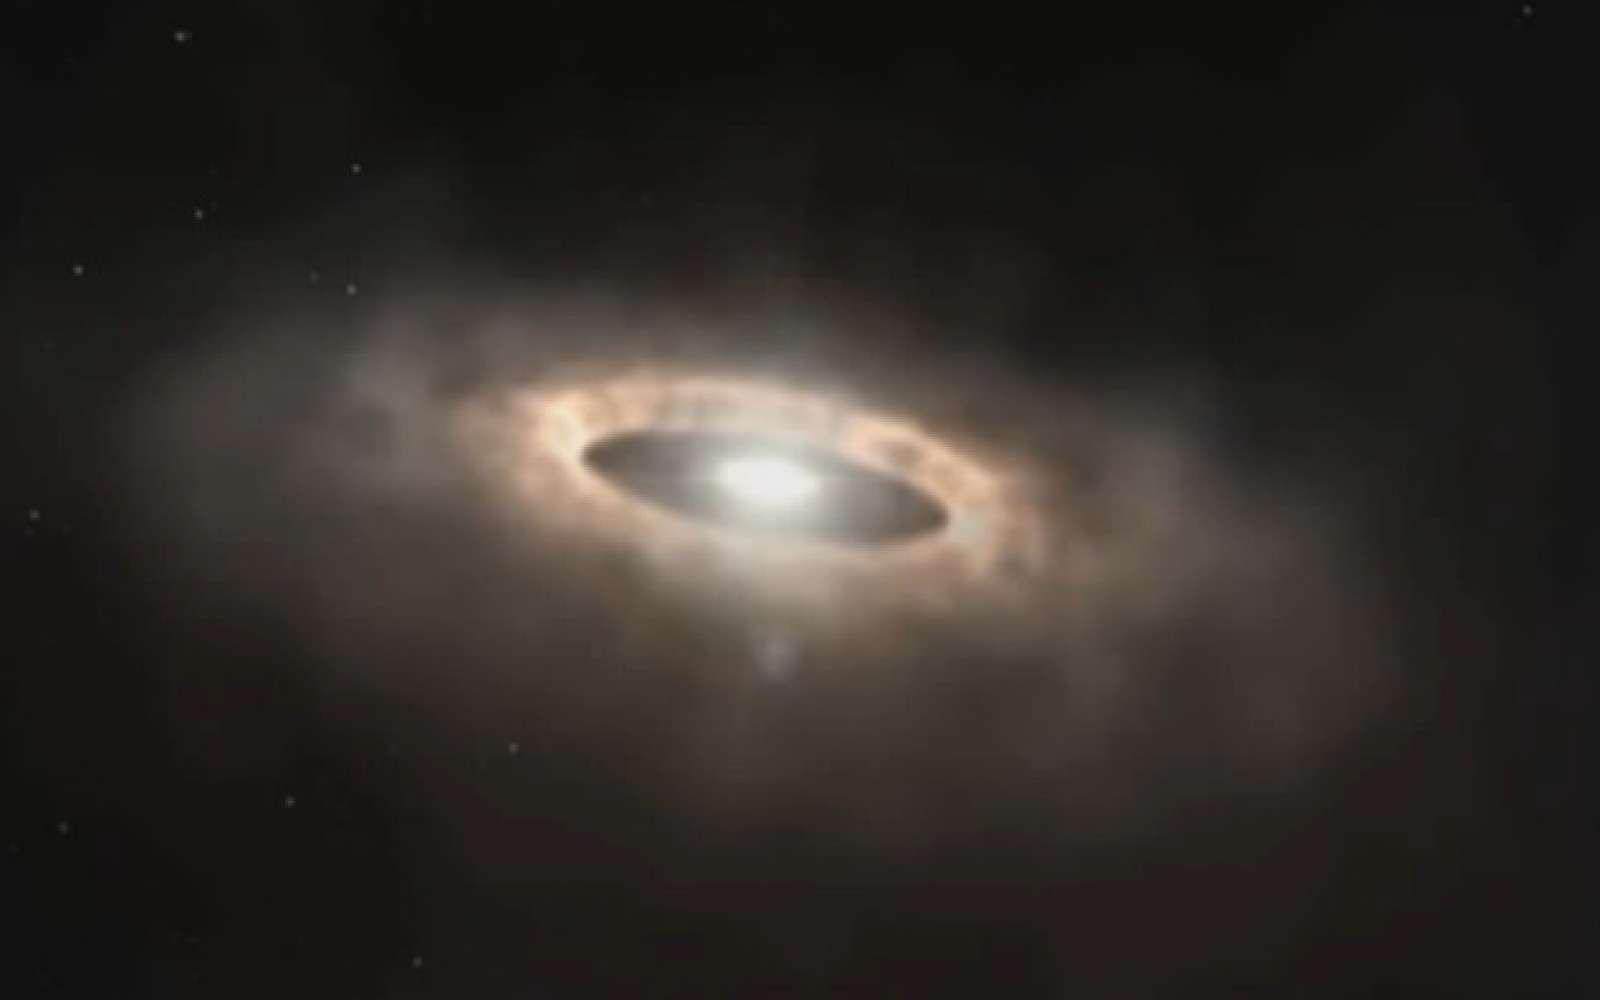 L'instrument s'intéressera aux objets froids émettant principalement des grandes longueurs d'onde comme les disques de poussière où se forment des planètes autour de jeunes étoiles. © Osaka University, Ibaraki University, Alma, ESO